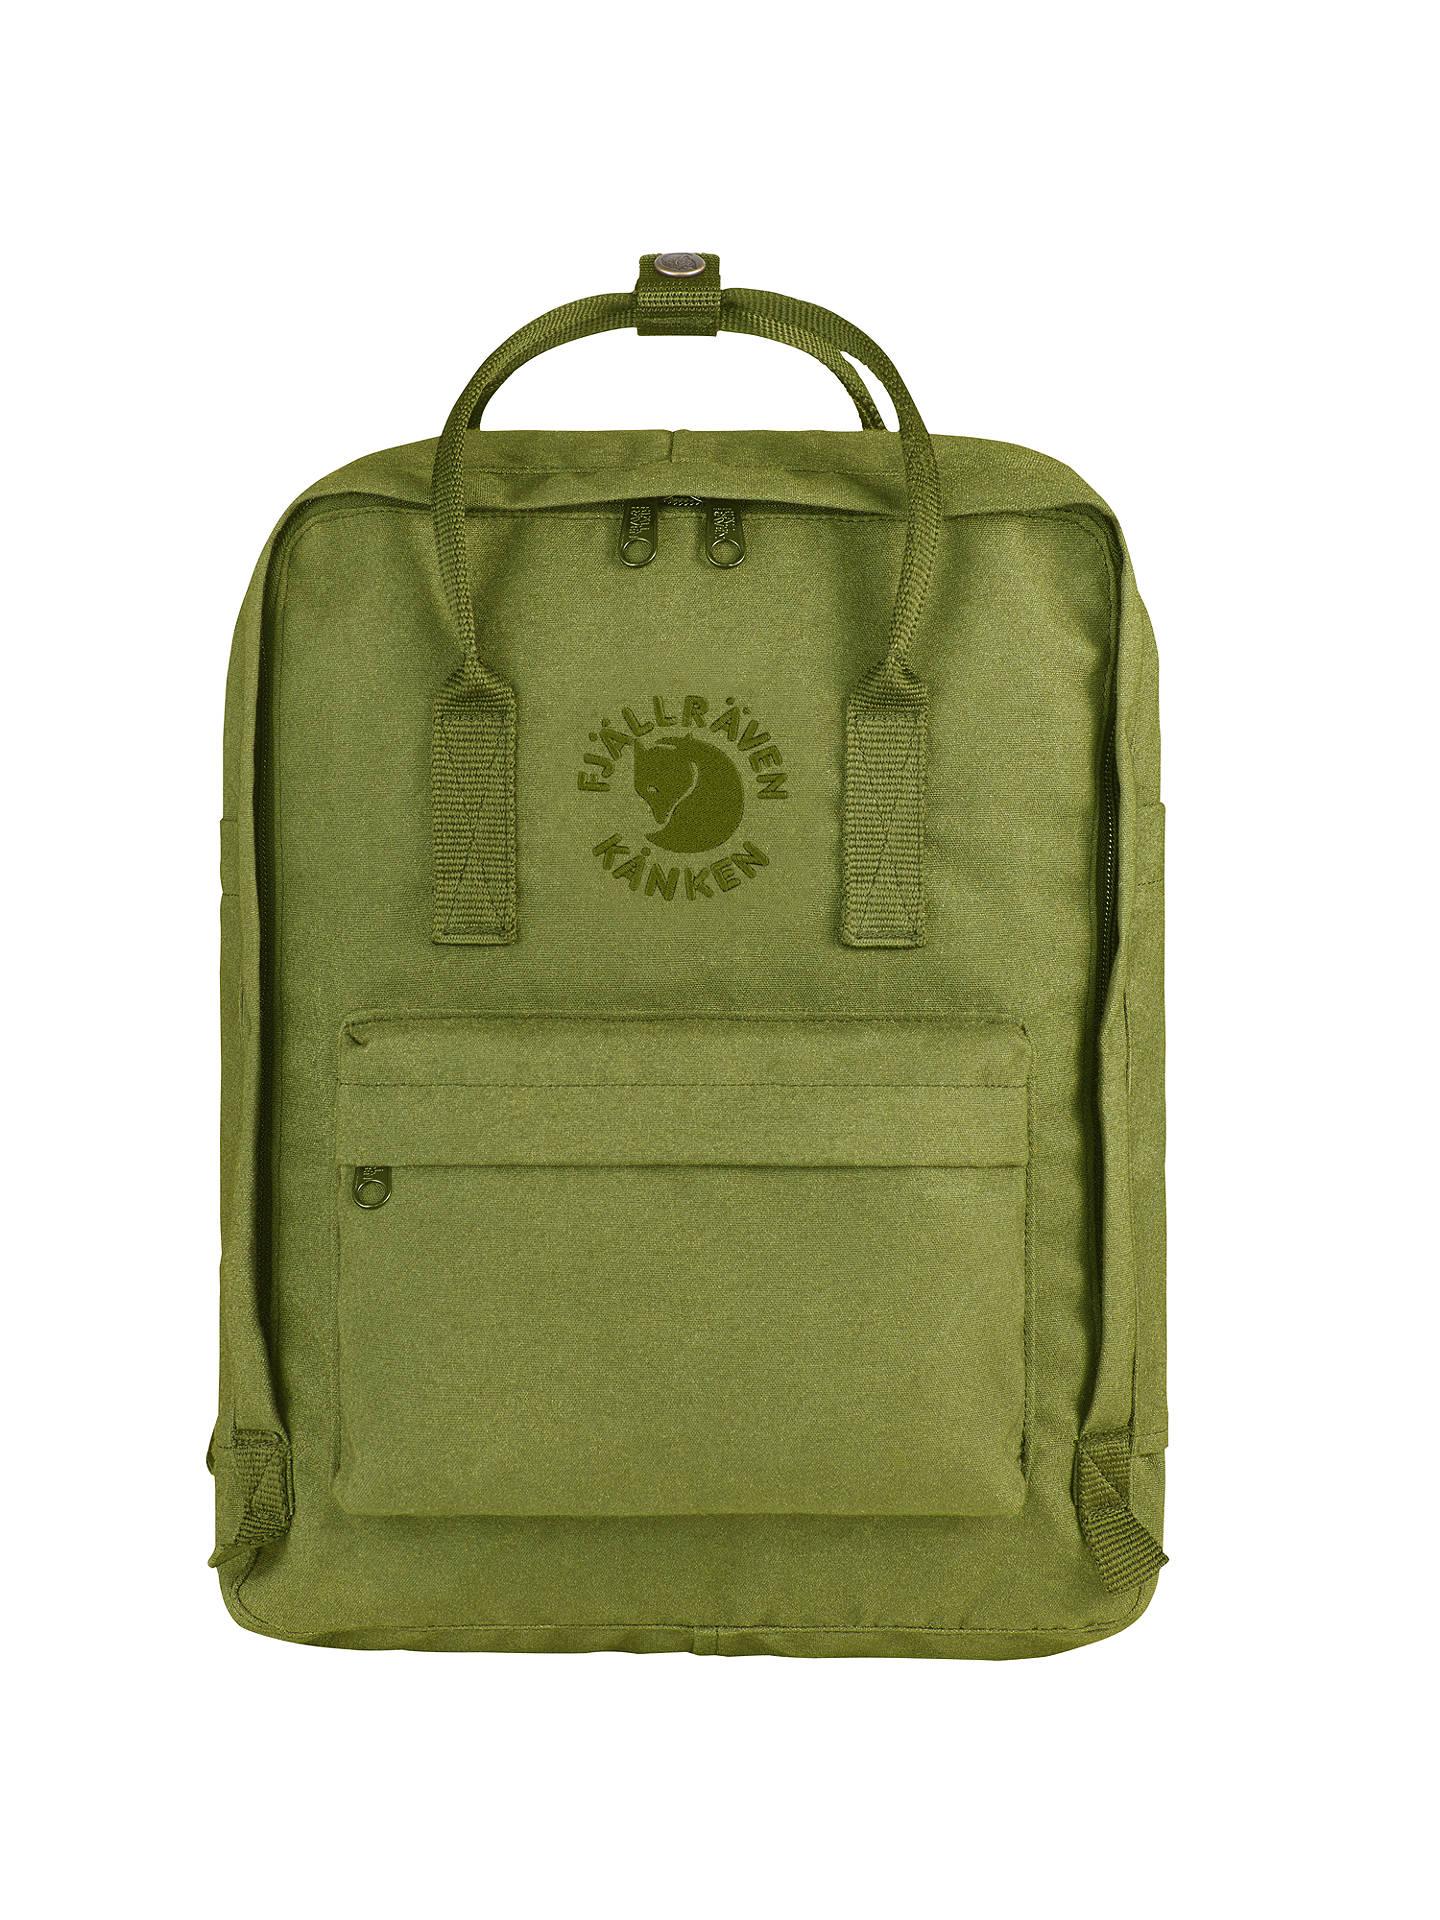 7e00fc964b Fjällräven Re Kanken Backpack, Spring Green